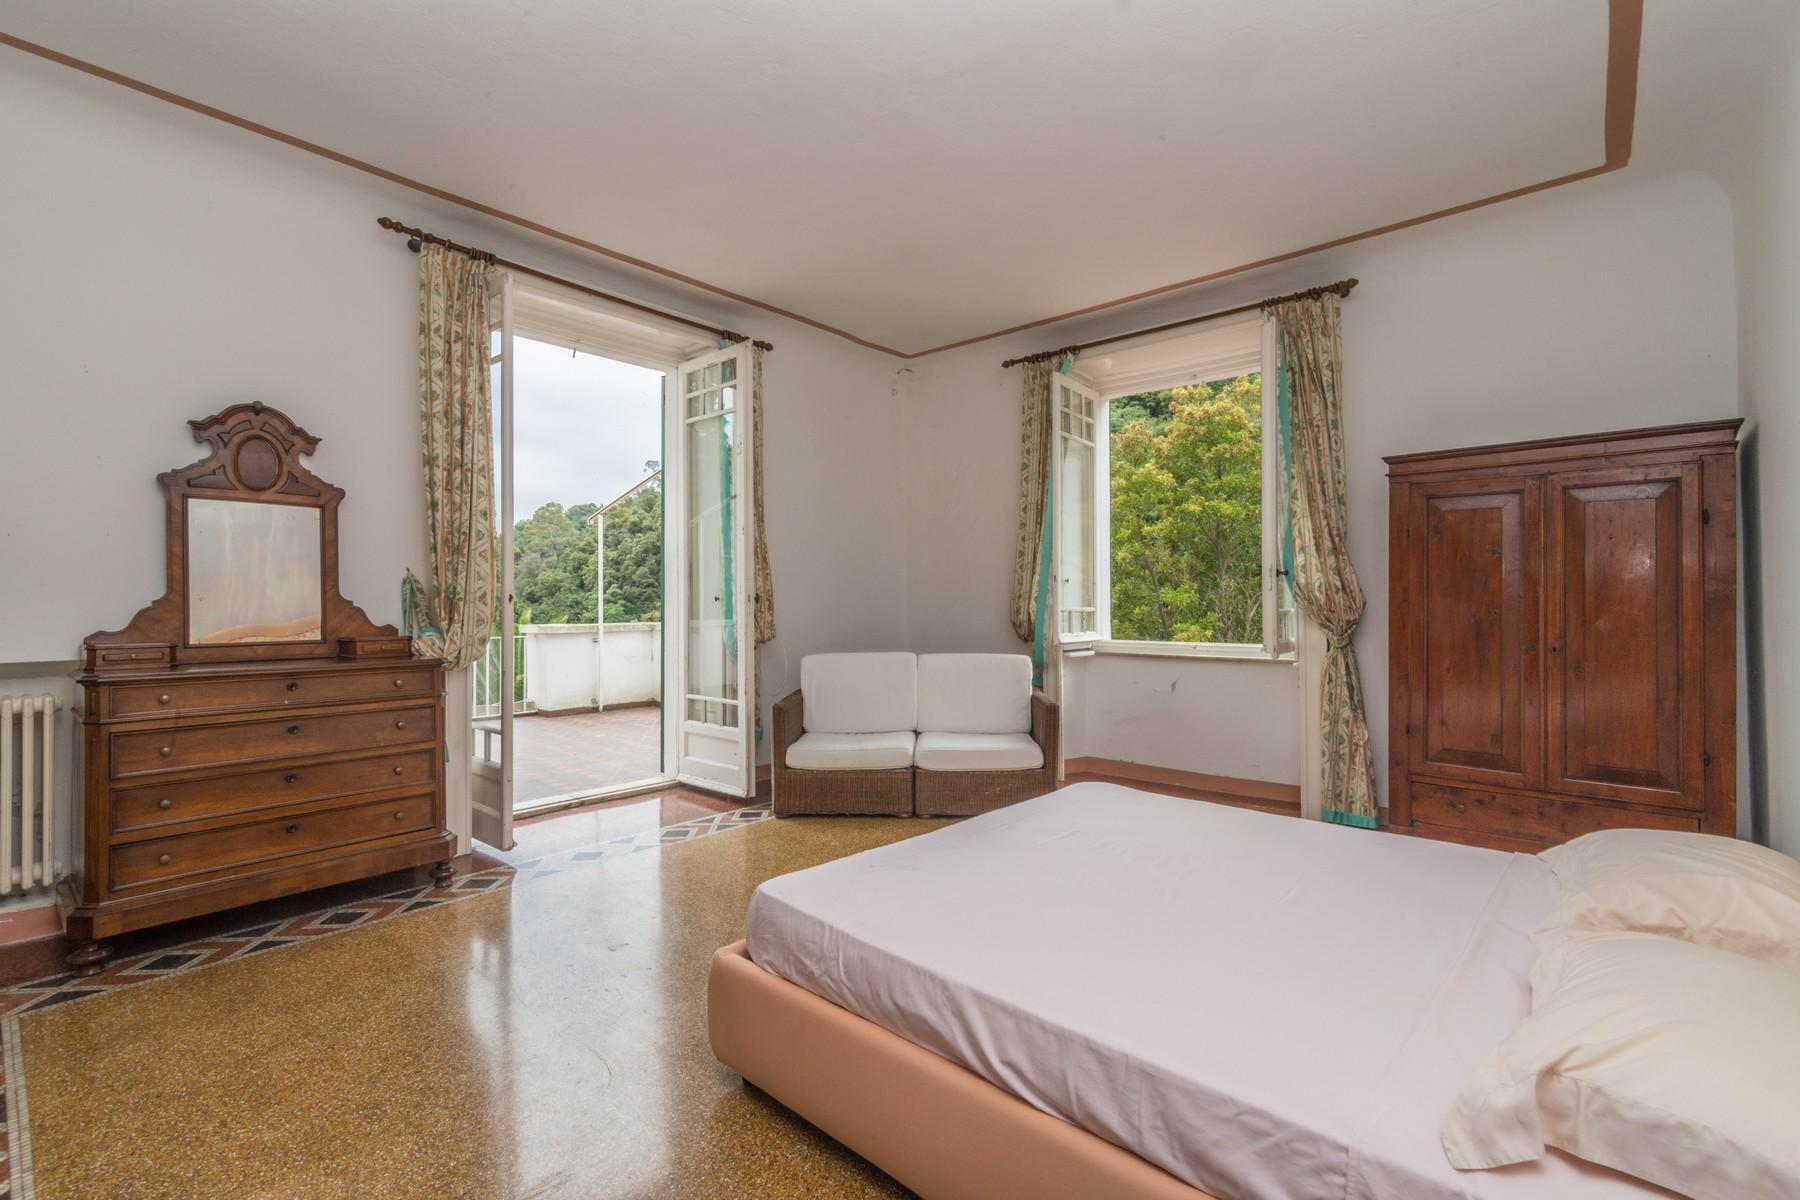 Appartamento in Vendita a Santa Margherita Ligure: 5 locali, 230 mq - Foto 13